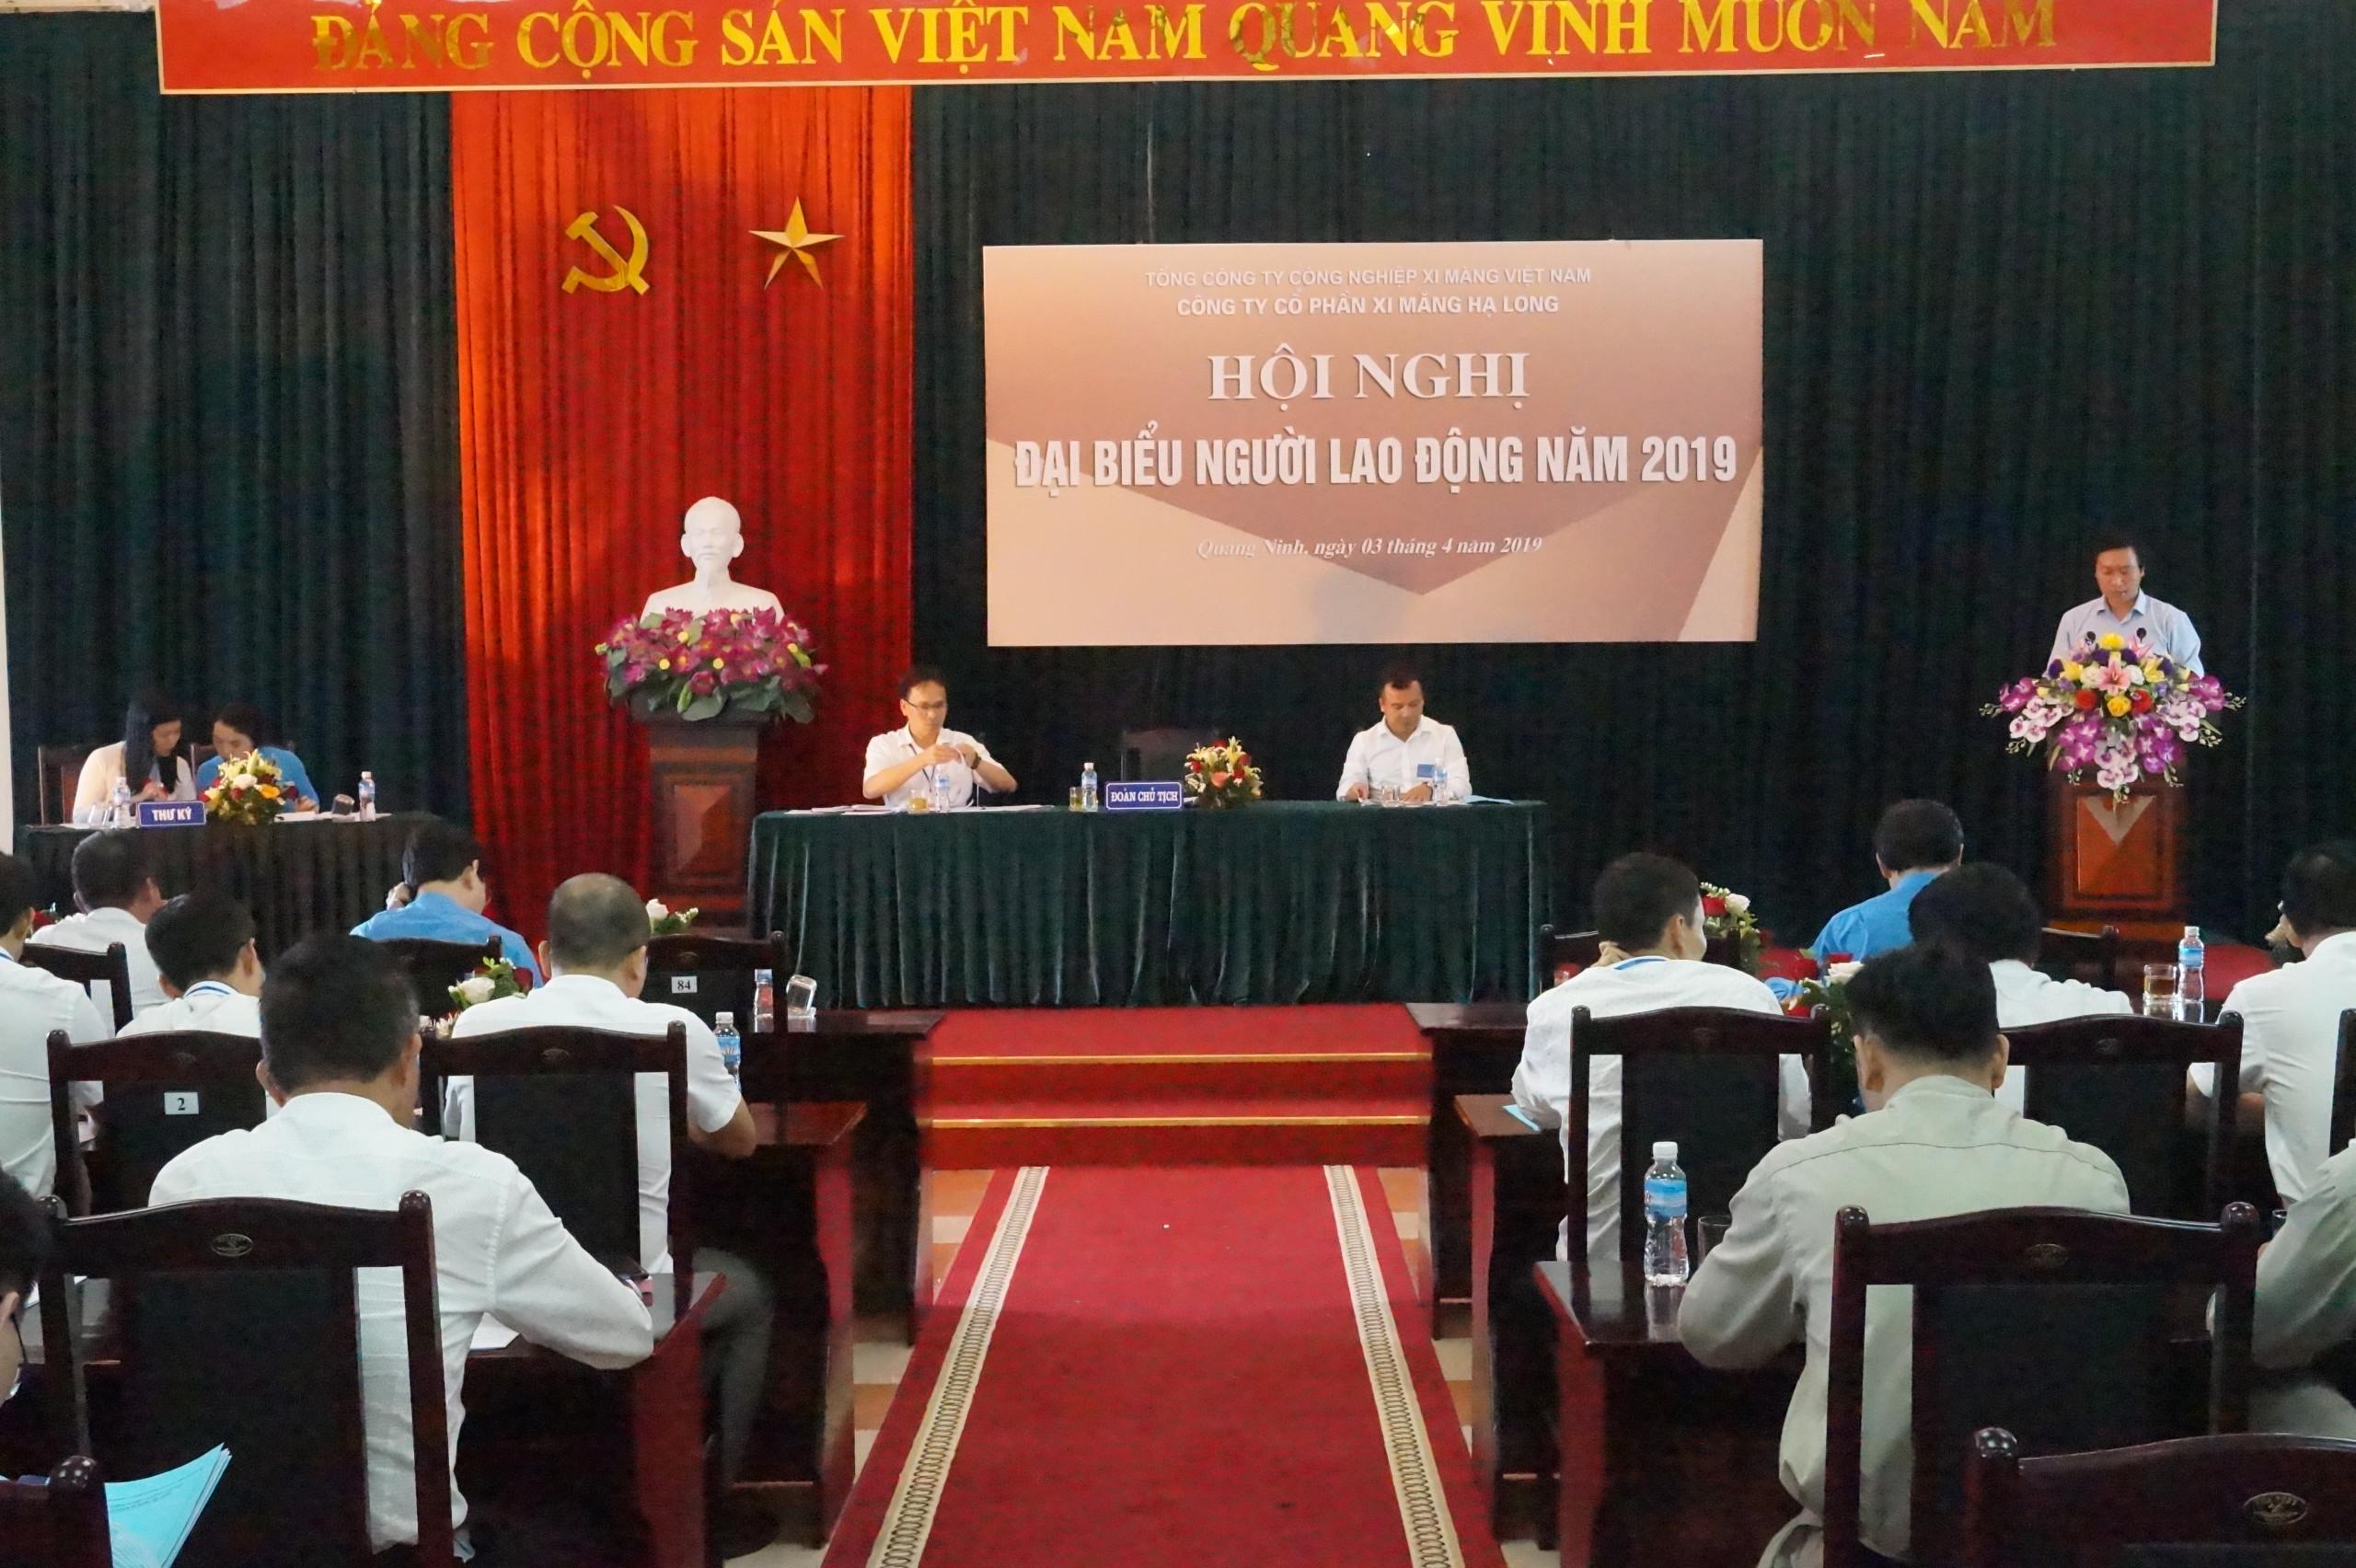 Hội nghị người lao động Công ty cổ phần xi măng Hạ Long năm 2019.